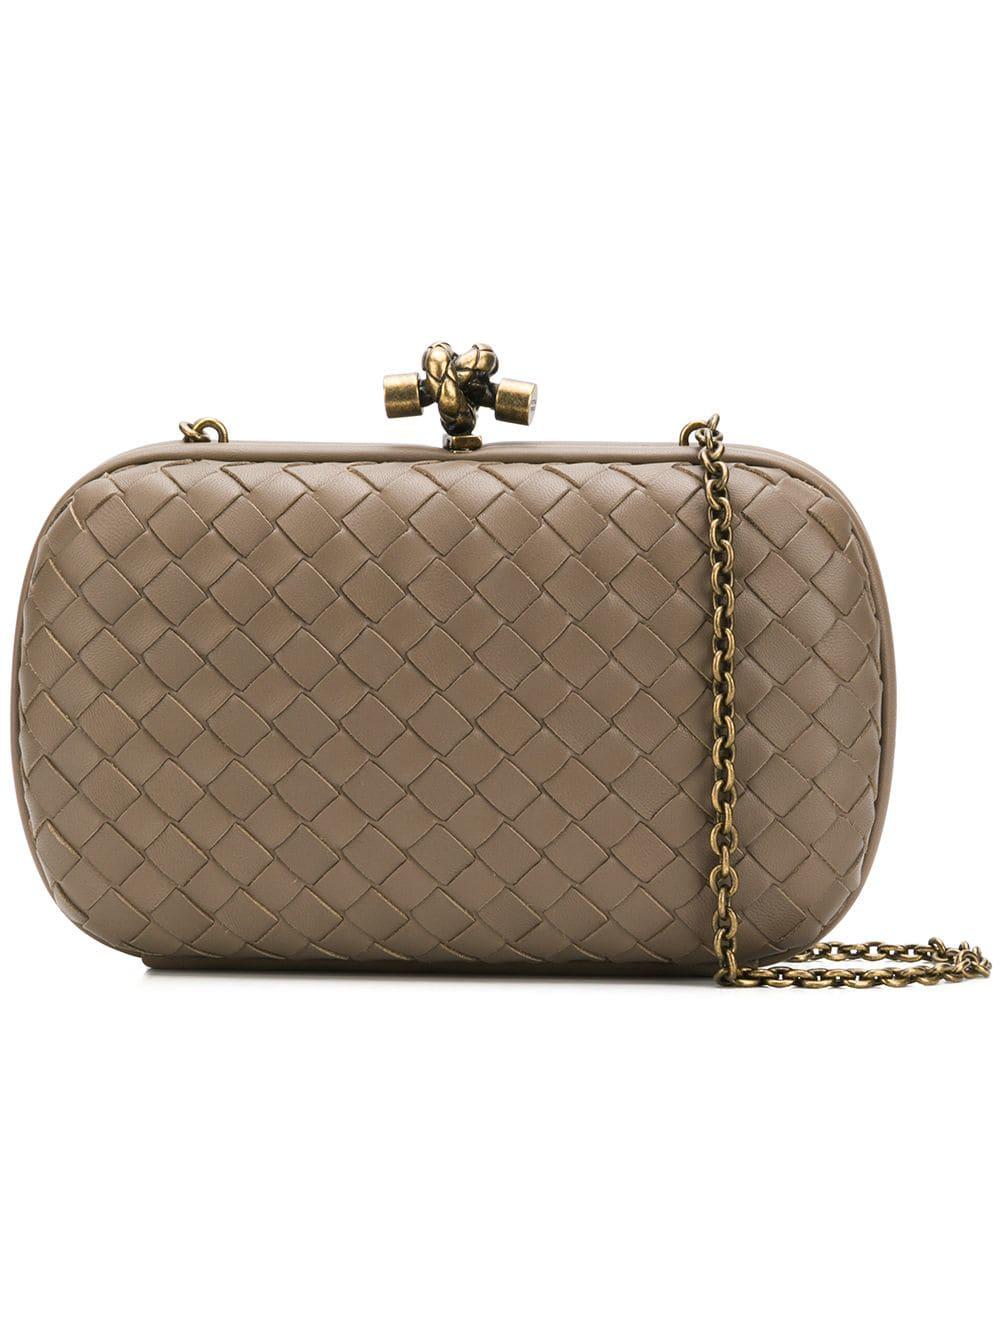 Bottega Veneta Knot Clutch Bag - Neutrals  ff0f75c96de3b